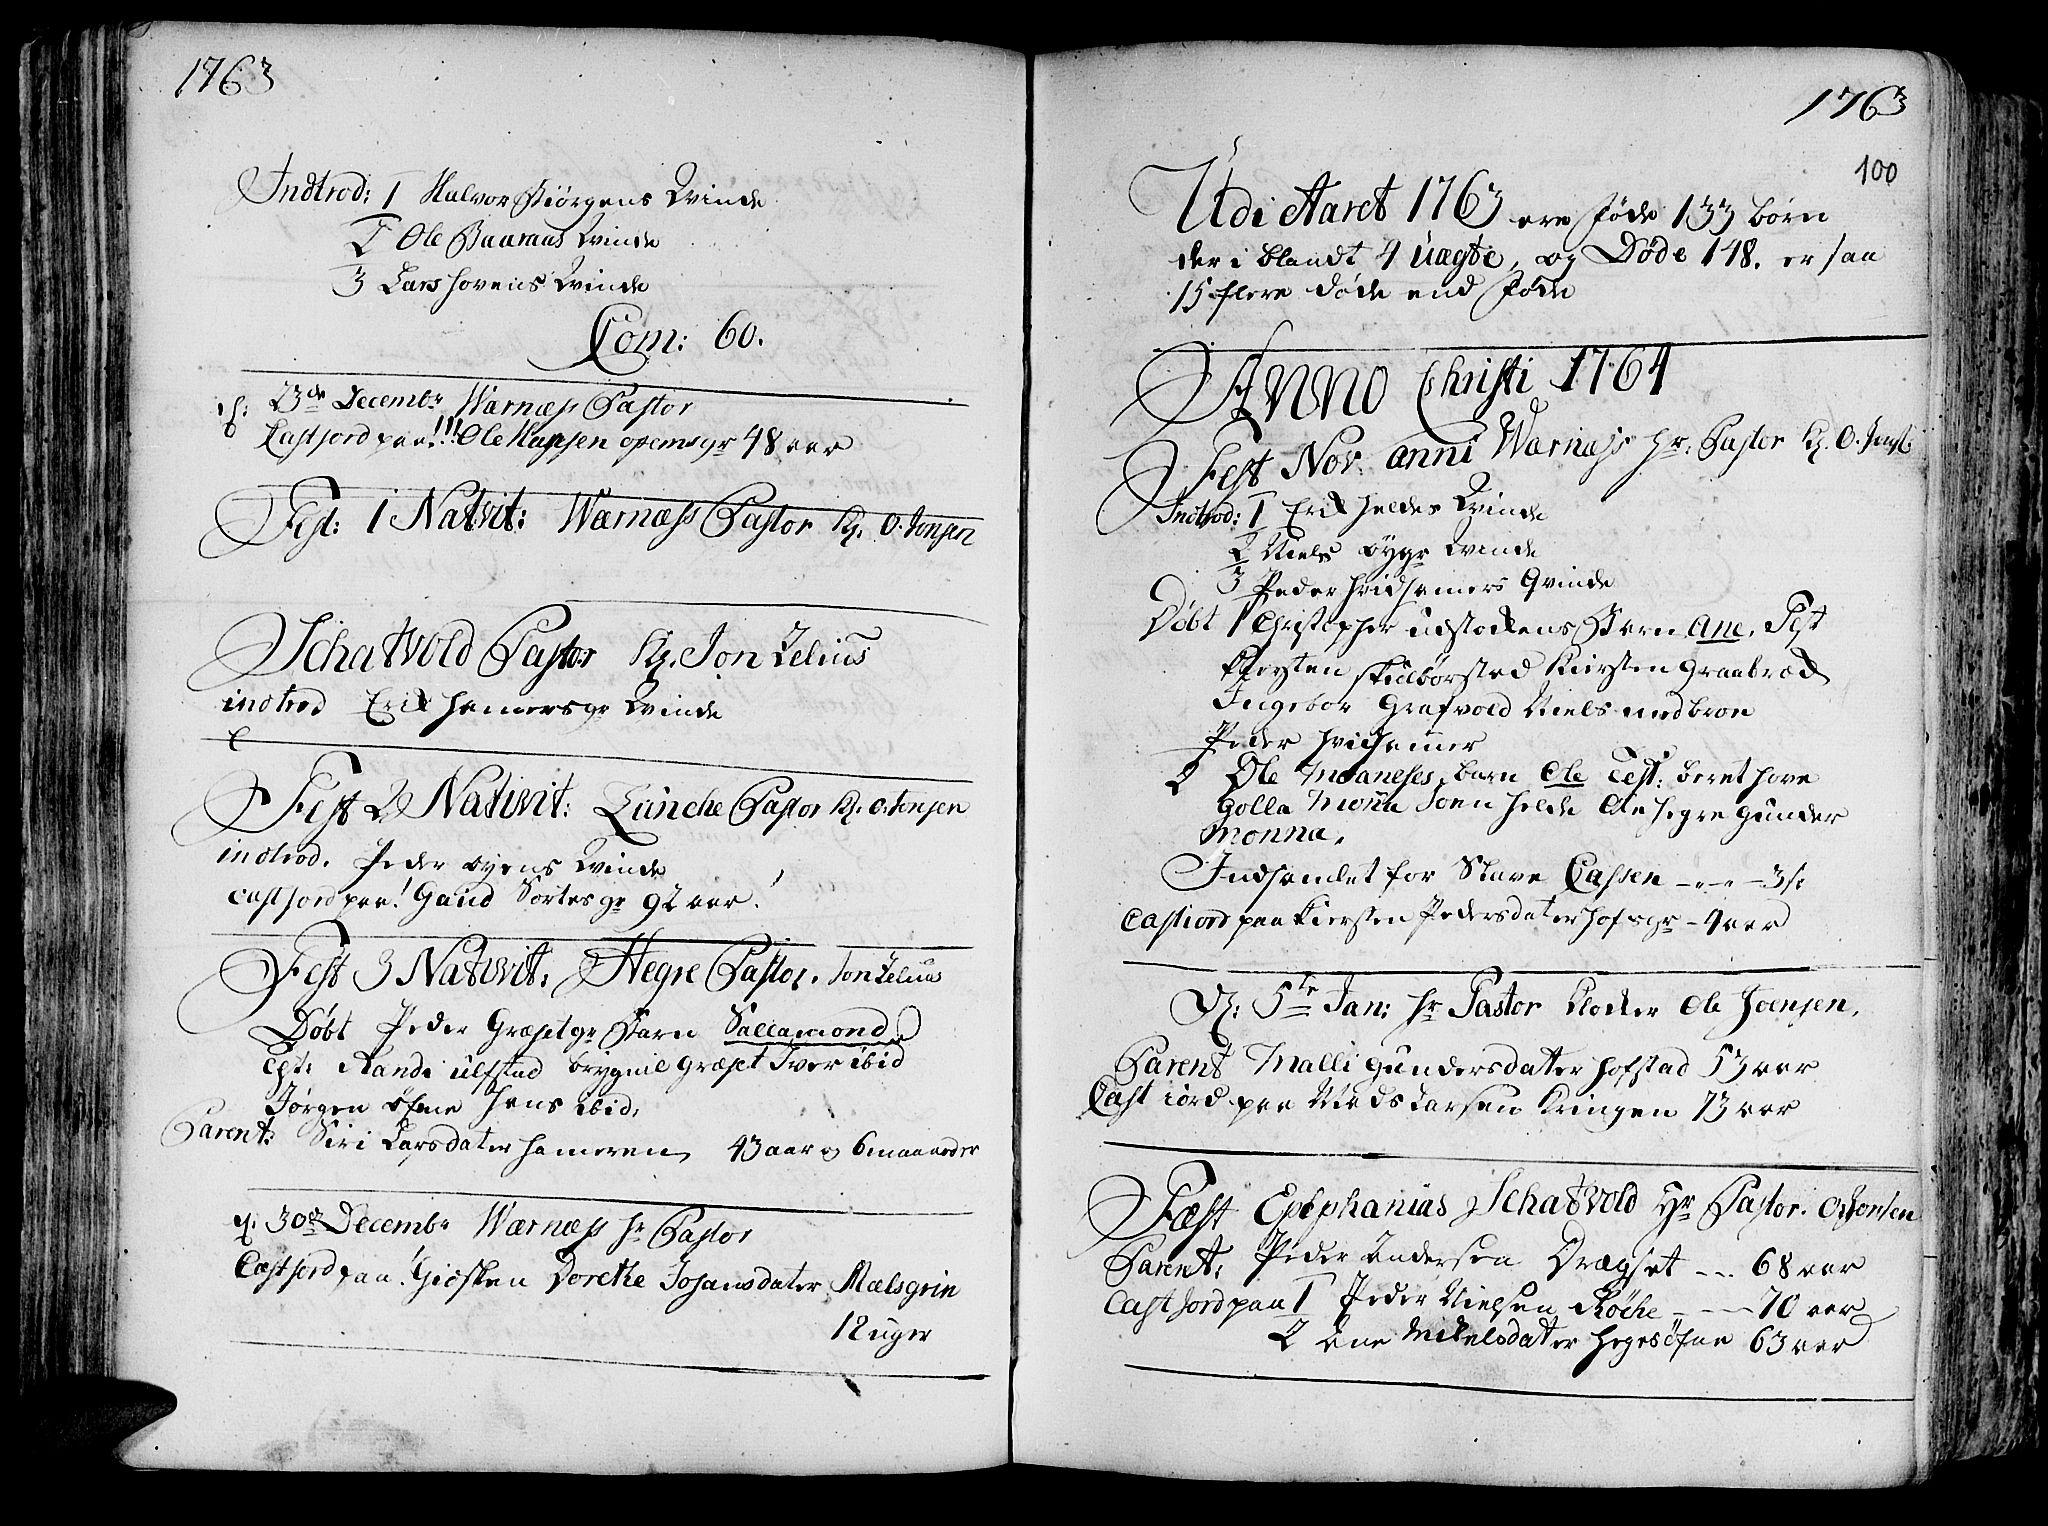 SAT, Ministerialprotokoller, klokkerbøker og fødselsregistre - Nord-Trøndelag, 709/L0057: Ministerialbok nr. 709A05, 1755-1780, s. 100